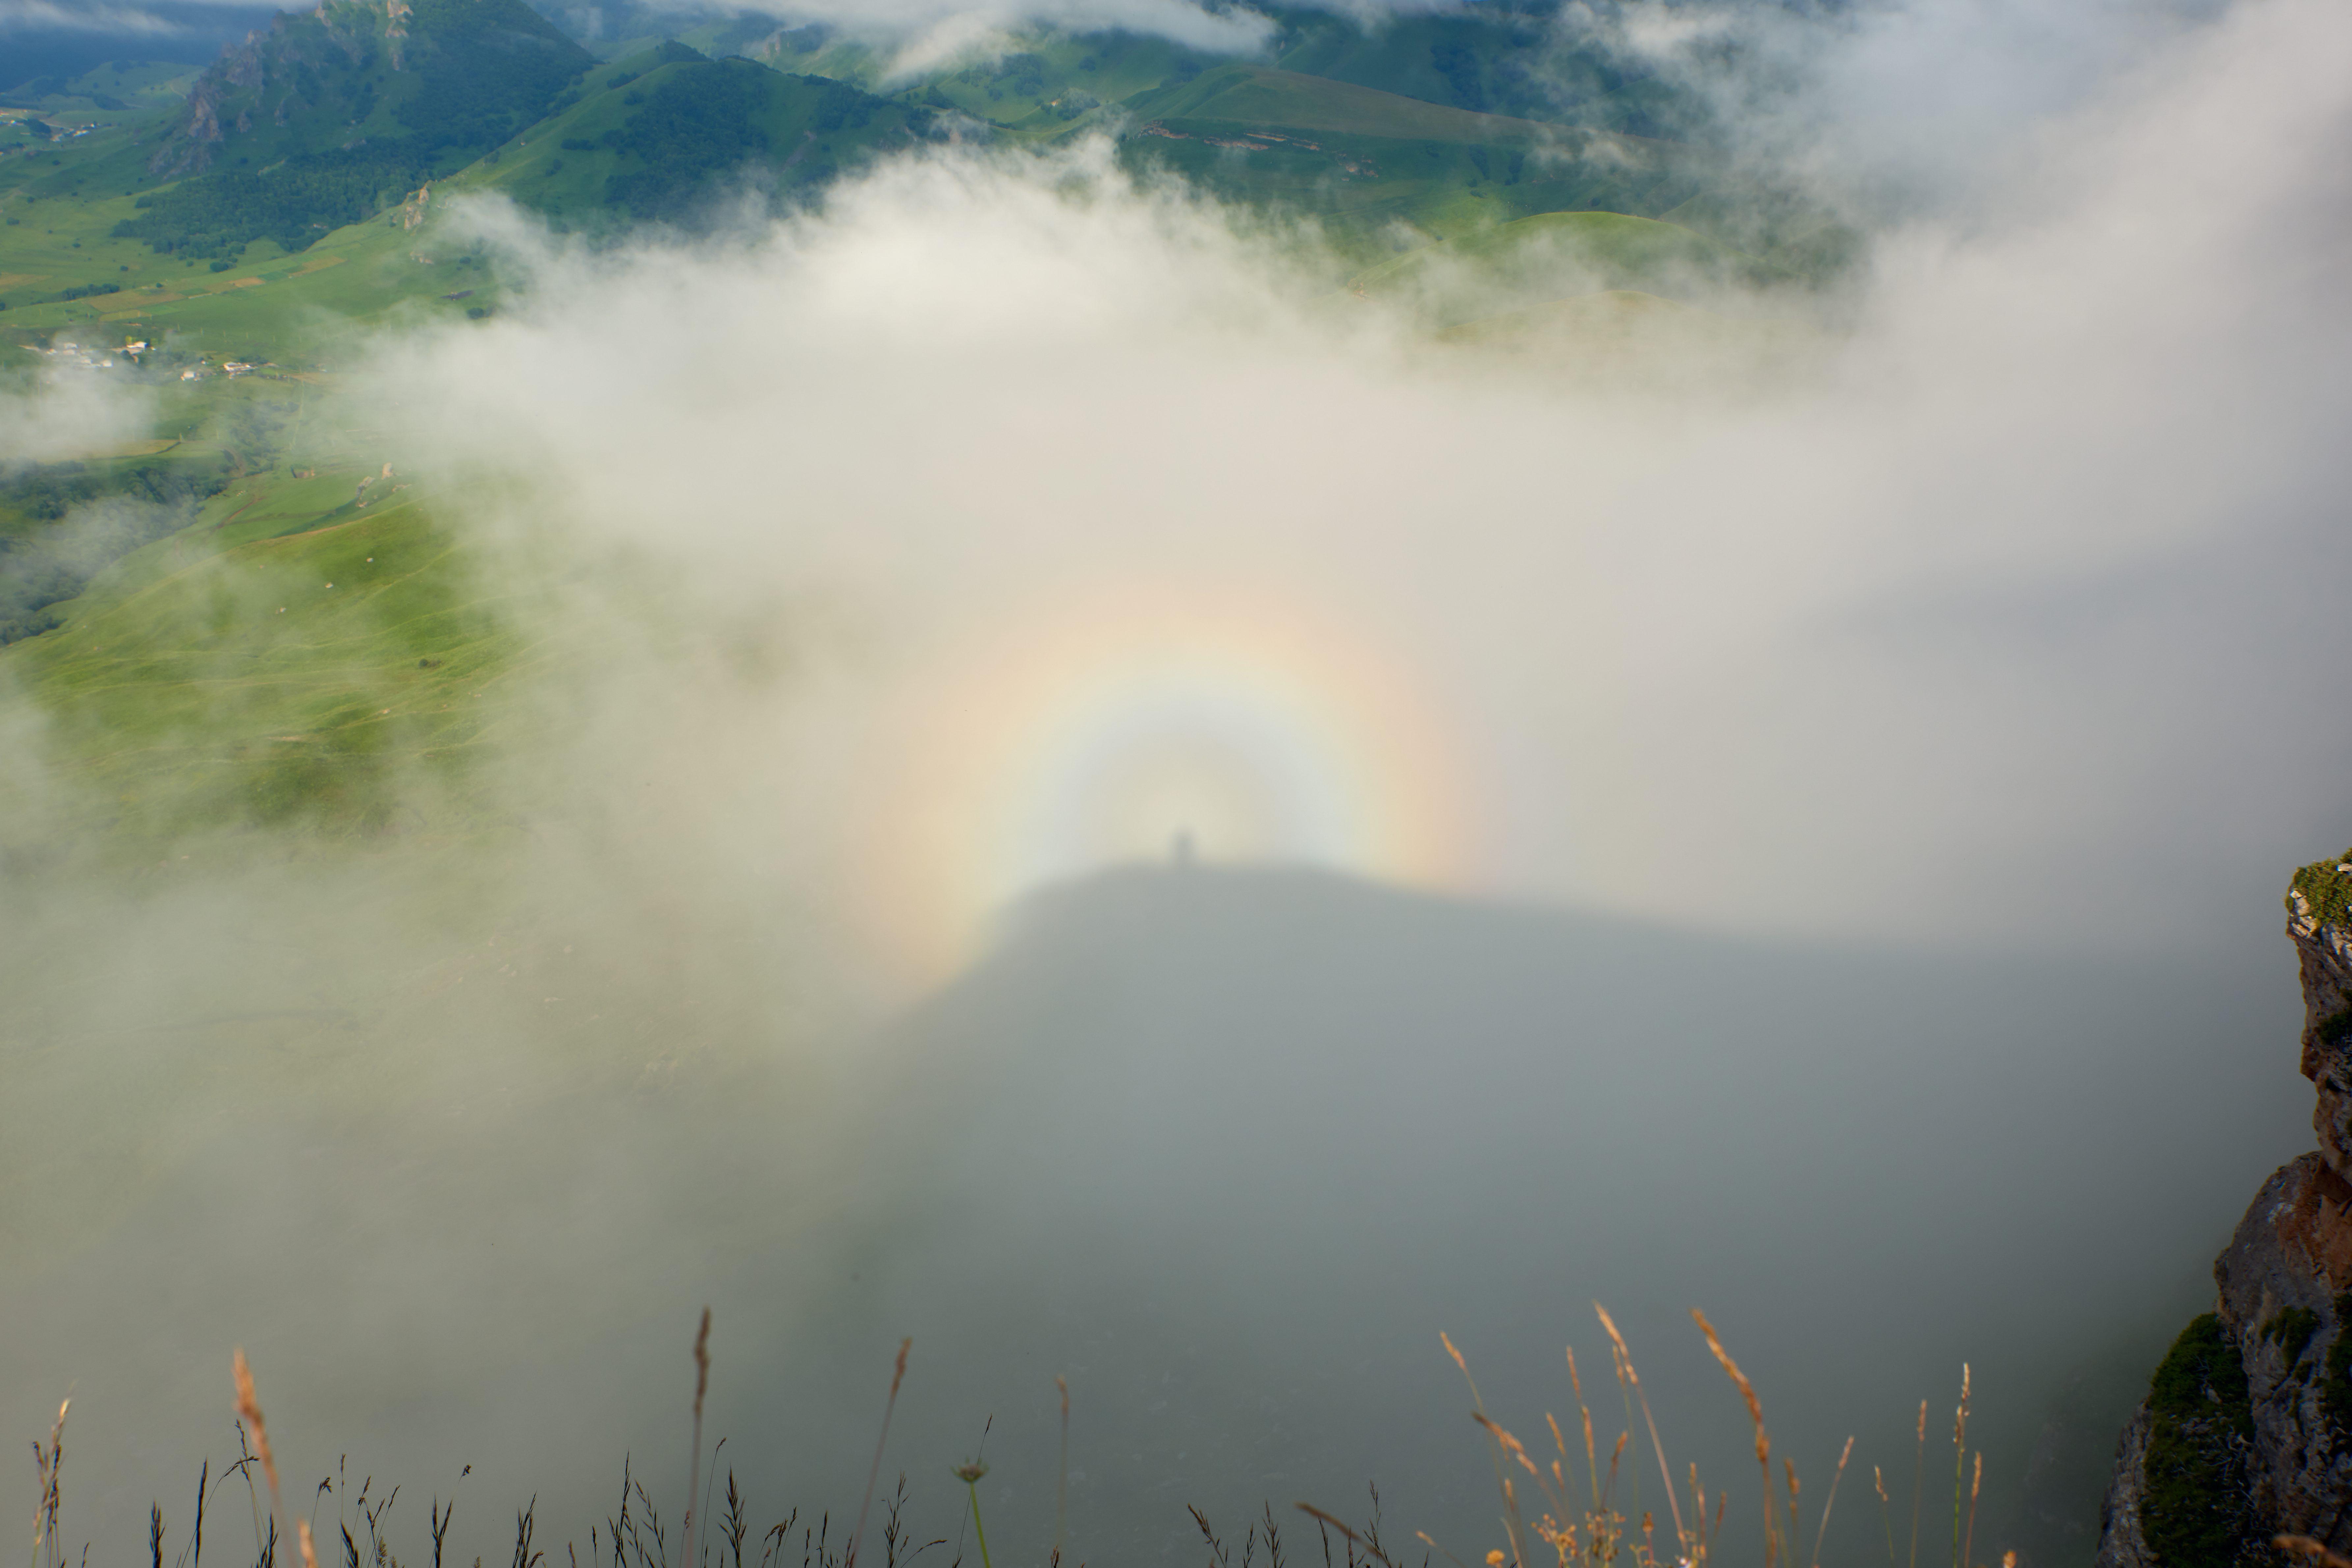 A Brocken spectre, also called Brocken bow or mountain spectre